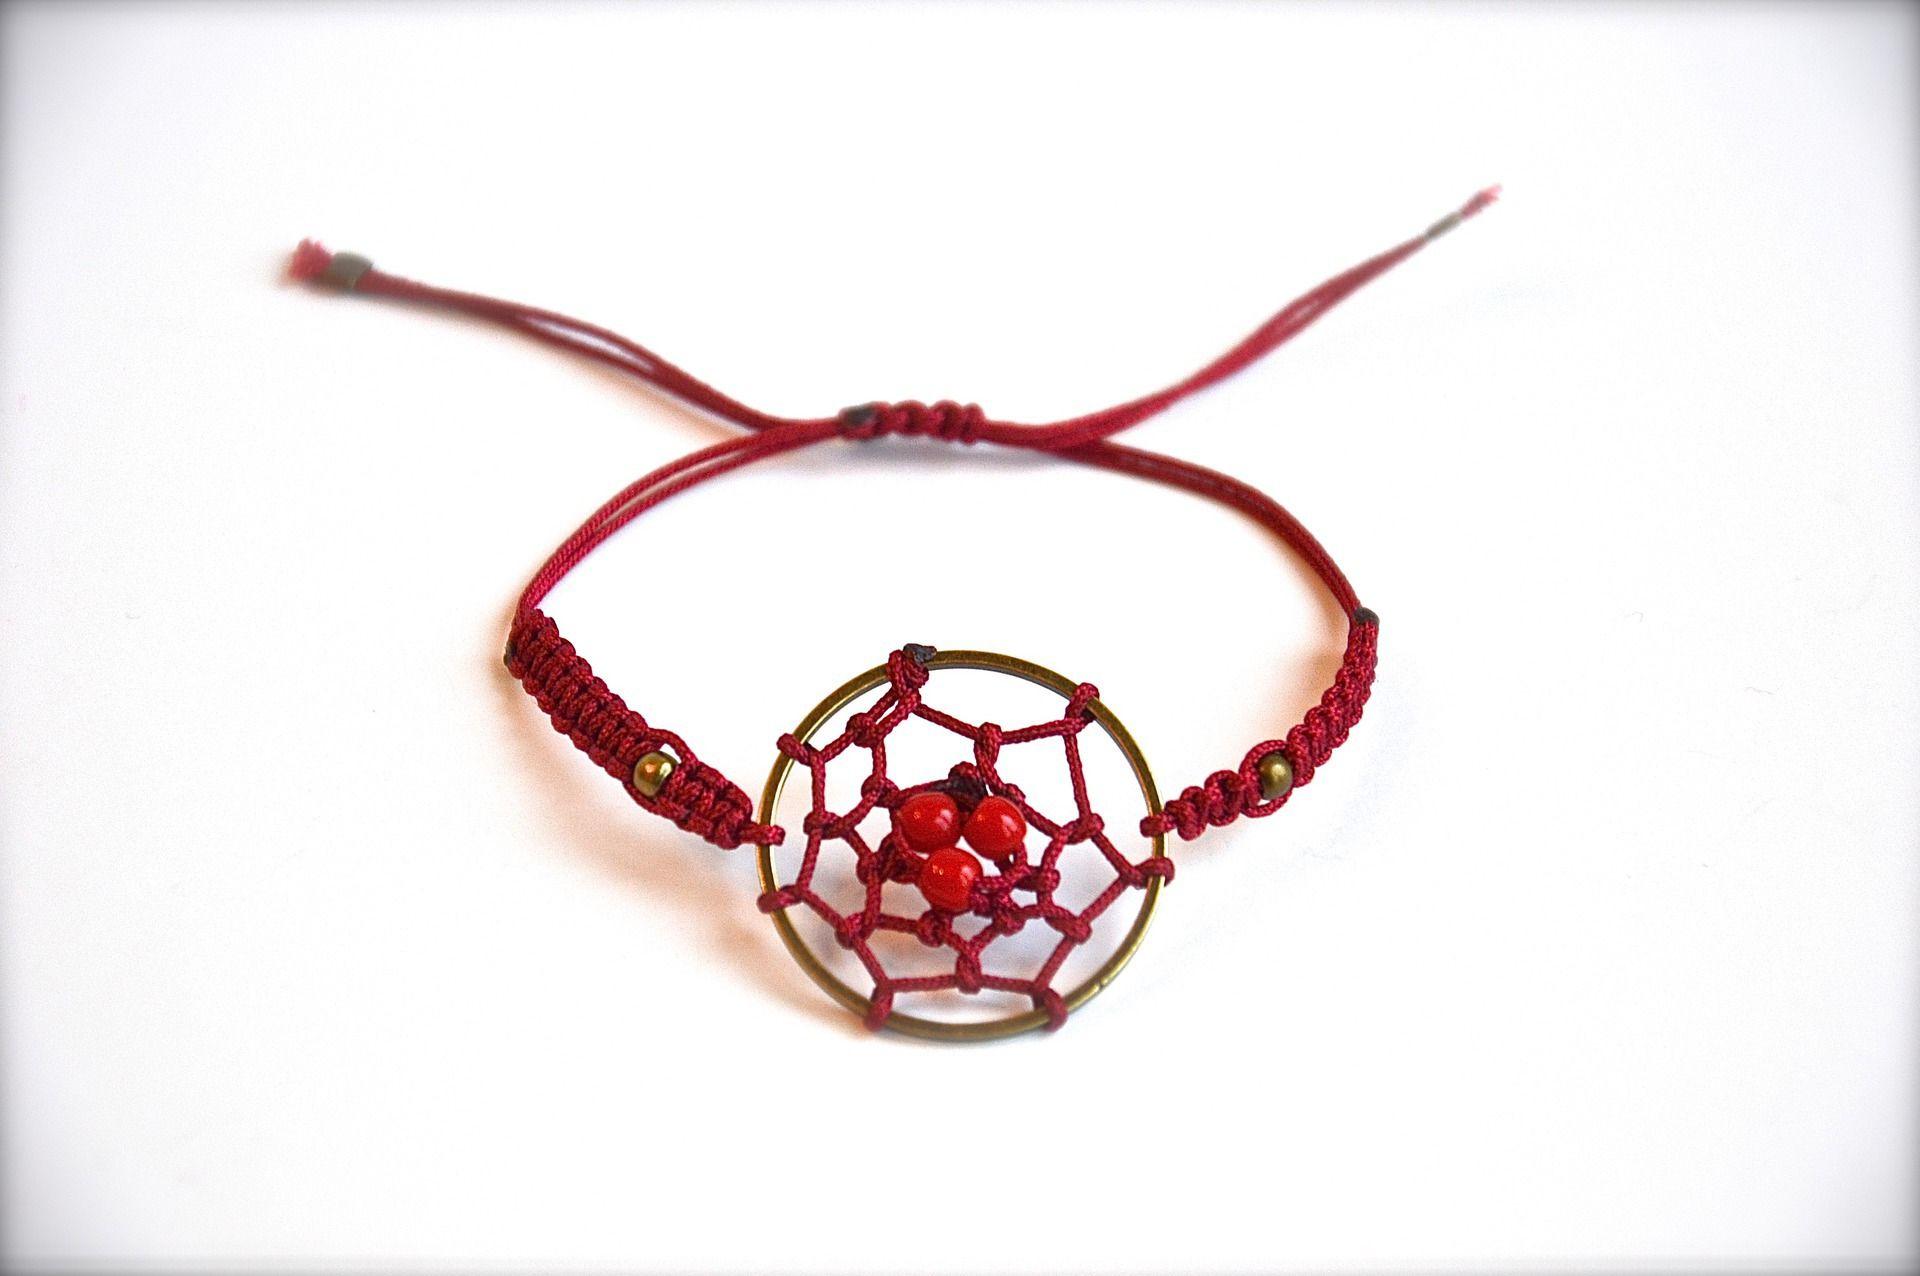 Bracelet coulissant macramé et attrape rêve rouge, anneau bronze